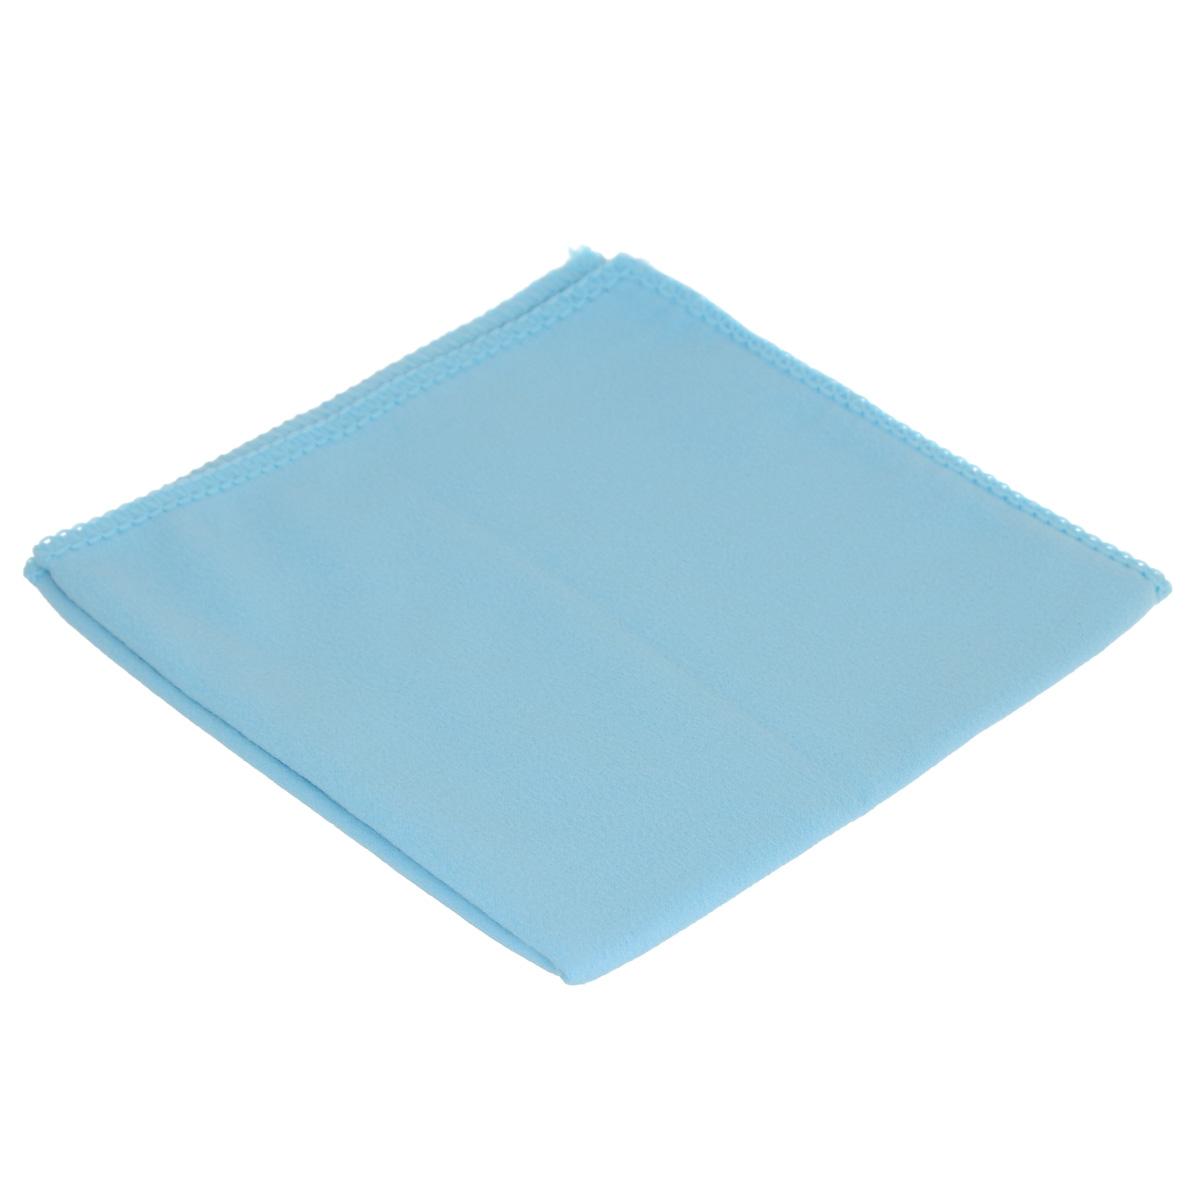 Салфетка для стекол, оптики и зеркал Home Queen, цвет: голубой, 30 х 30 смCLP446Салфетка Home Queen, изготовленная из микрофибры (искусственная замша), предназначена для очищения загрязнений на любых поверхностях (включая стекла, зеркала, оптику, мониторы). Изделие обладает высокой износоустойчивостью и рассчитано на многократное использование, легко моется в теплой воде с мягкими чистящими средствами. Супервпитывающая салфетка не оставляет разводов и ворсинок, удаляет большинство жирных и маслянистых загрязнений без использования химических средств. Размер салфетки: 30 х 30 см.